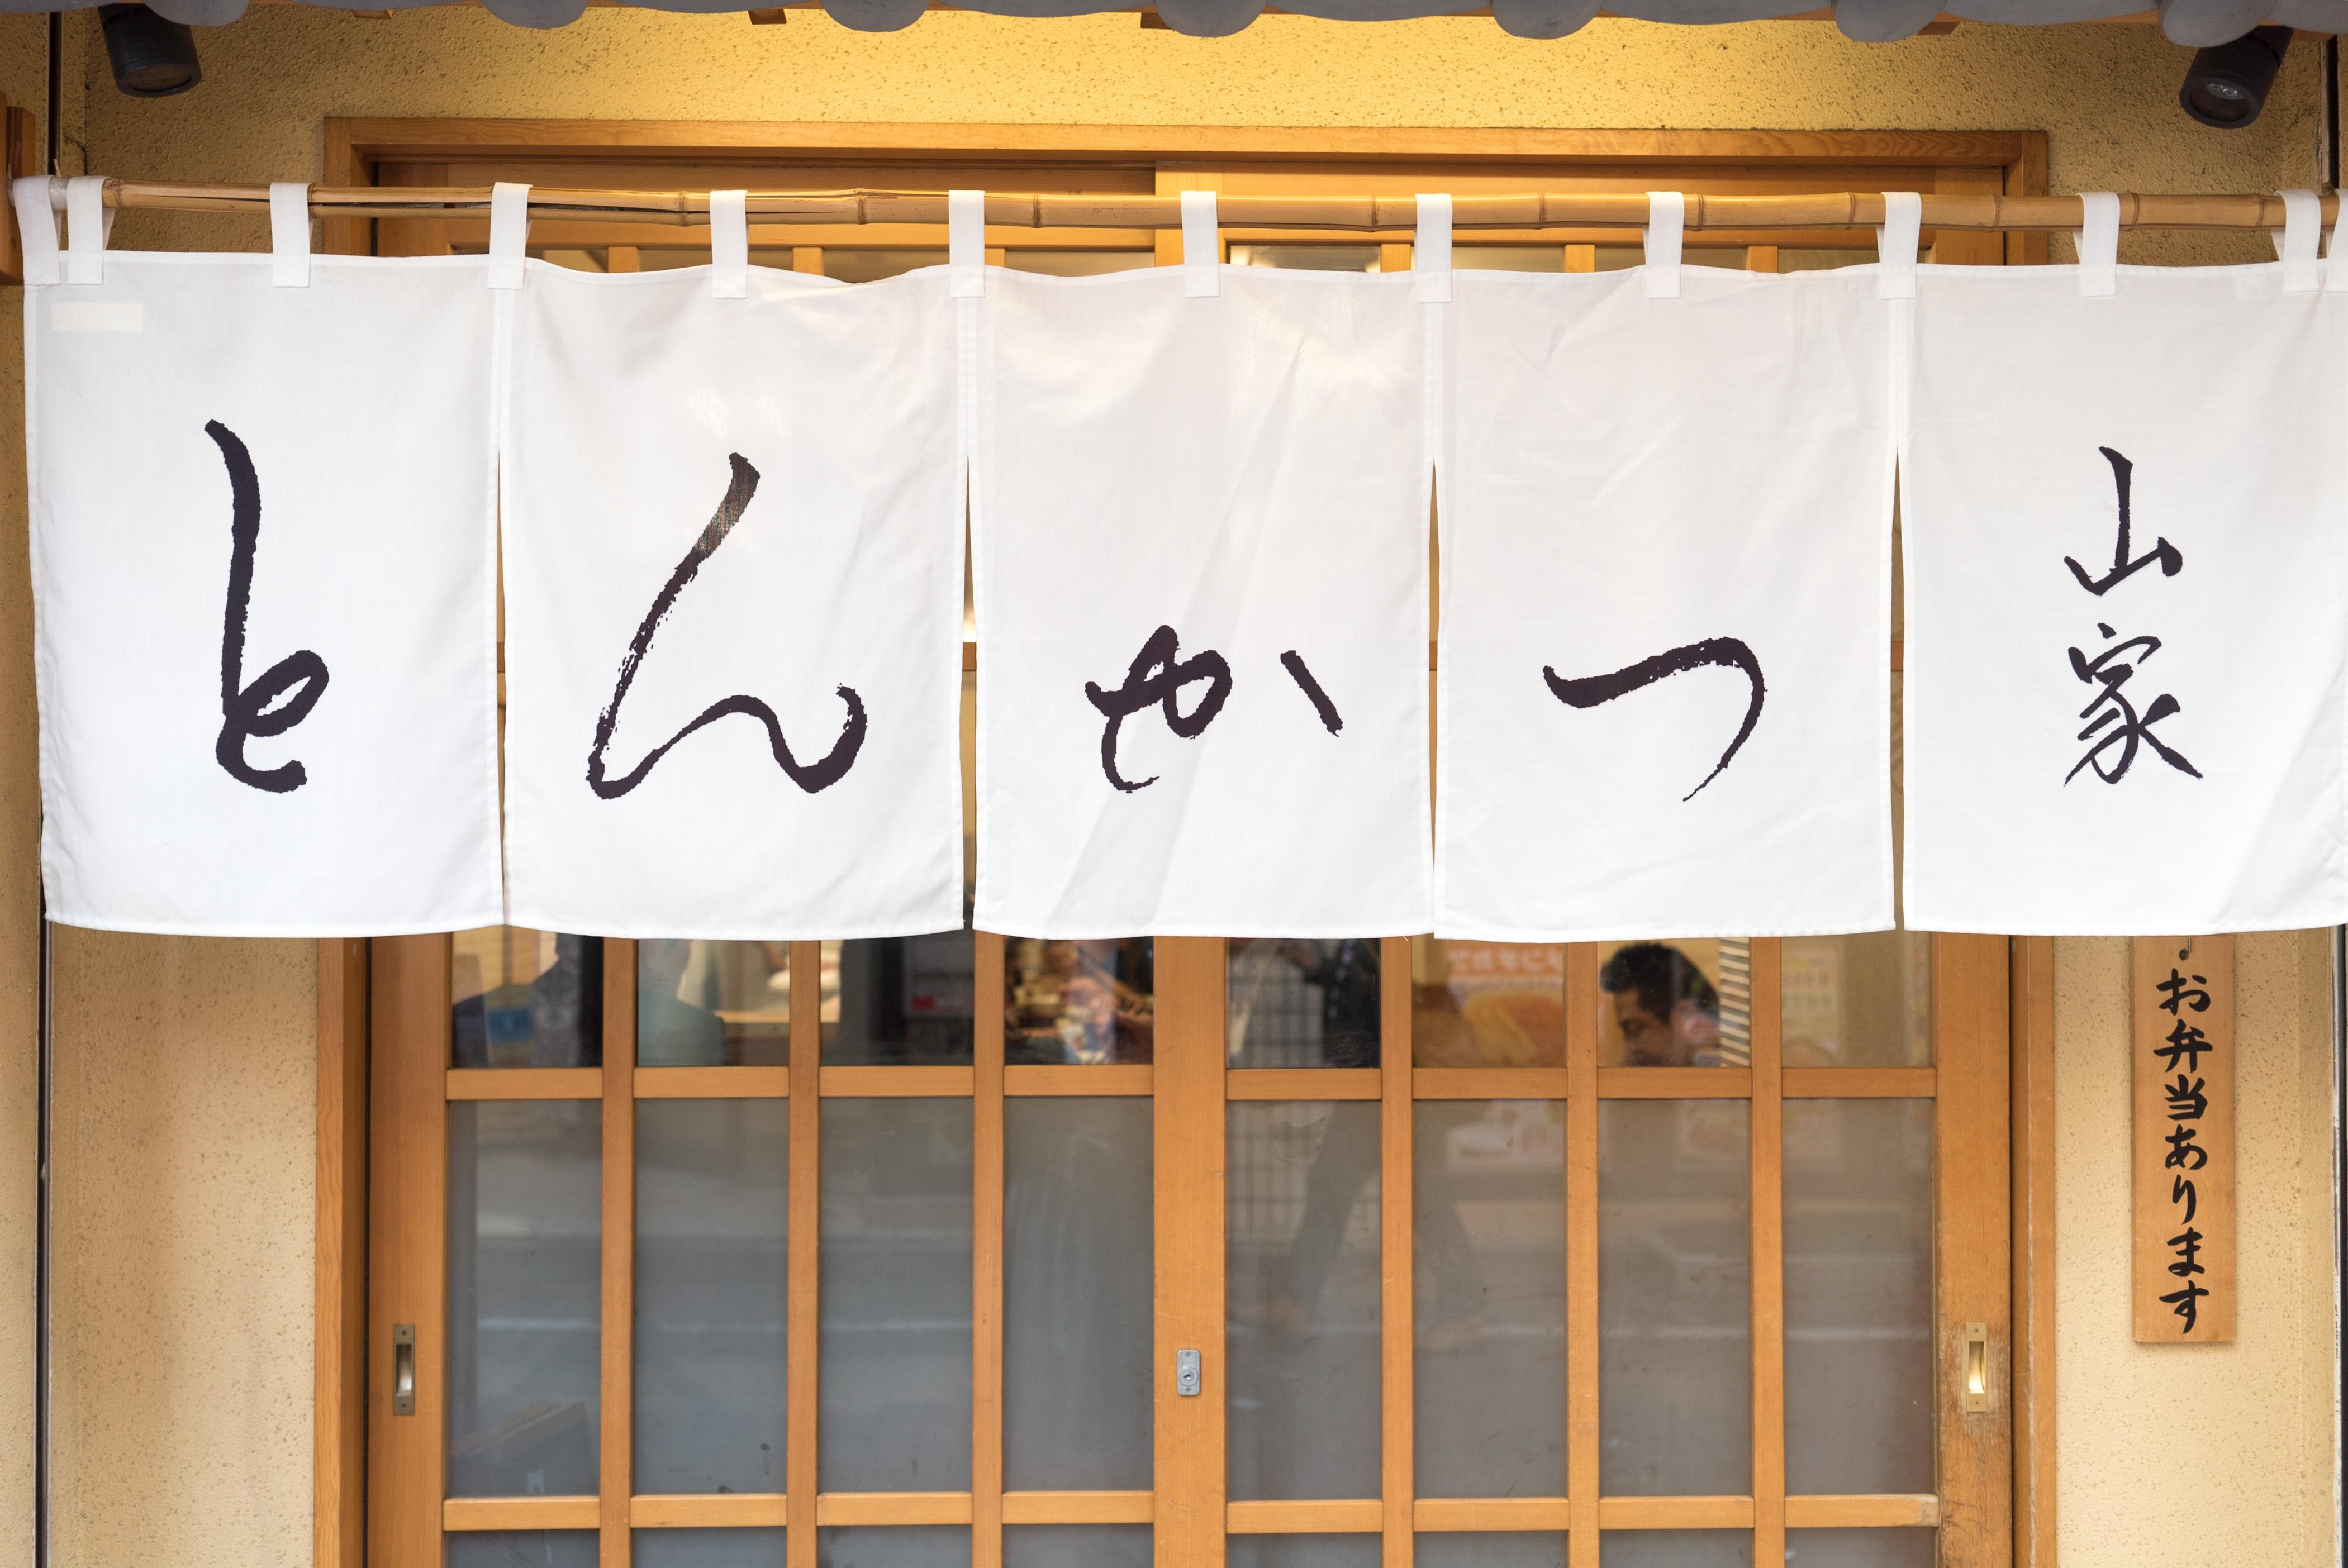 톤카츠야마베